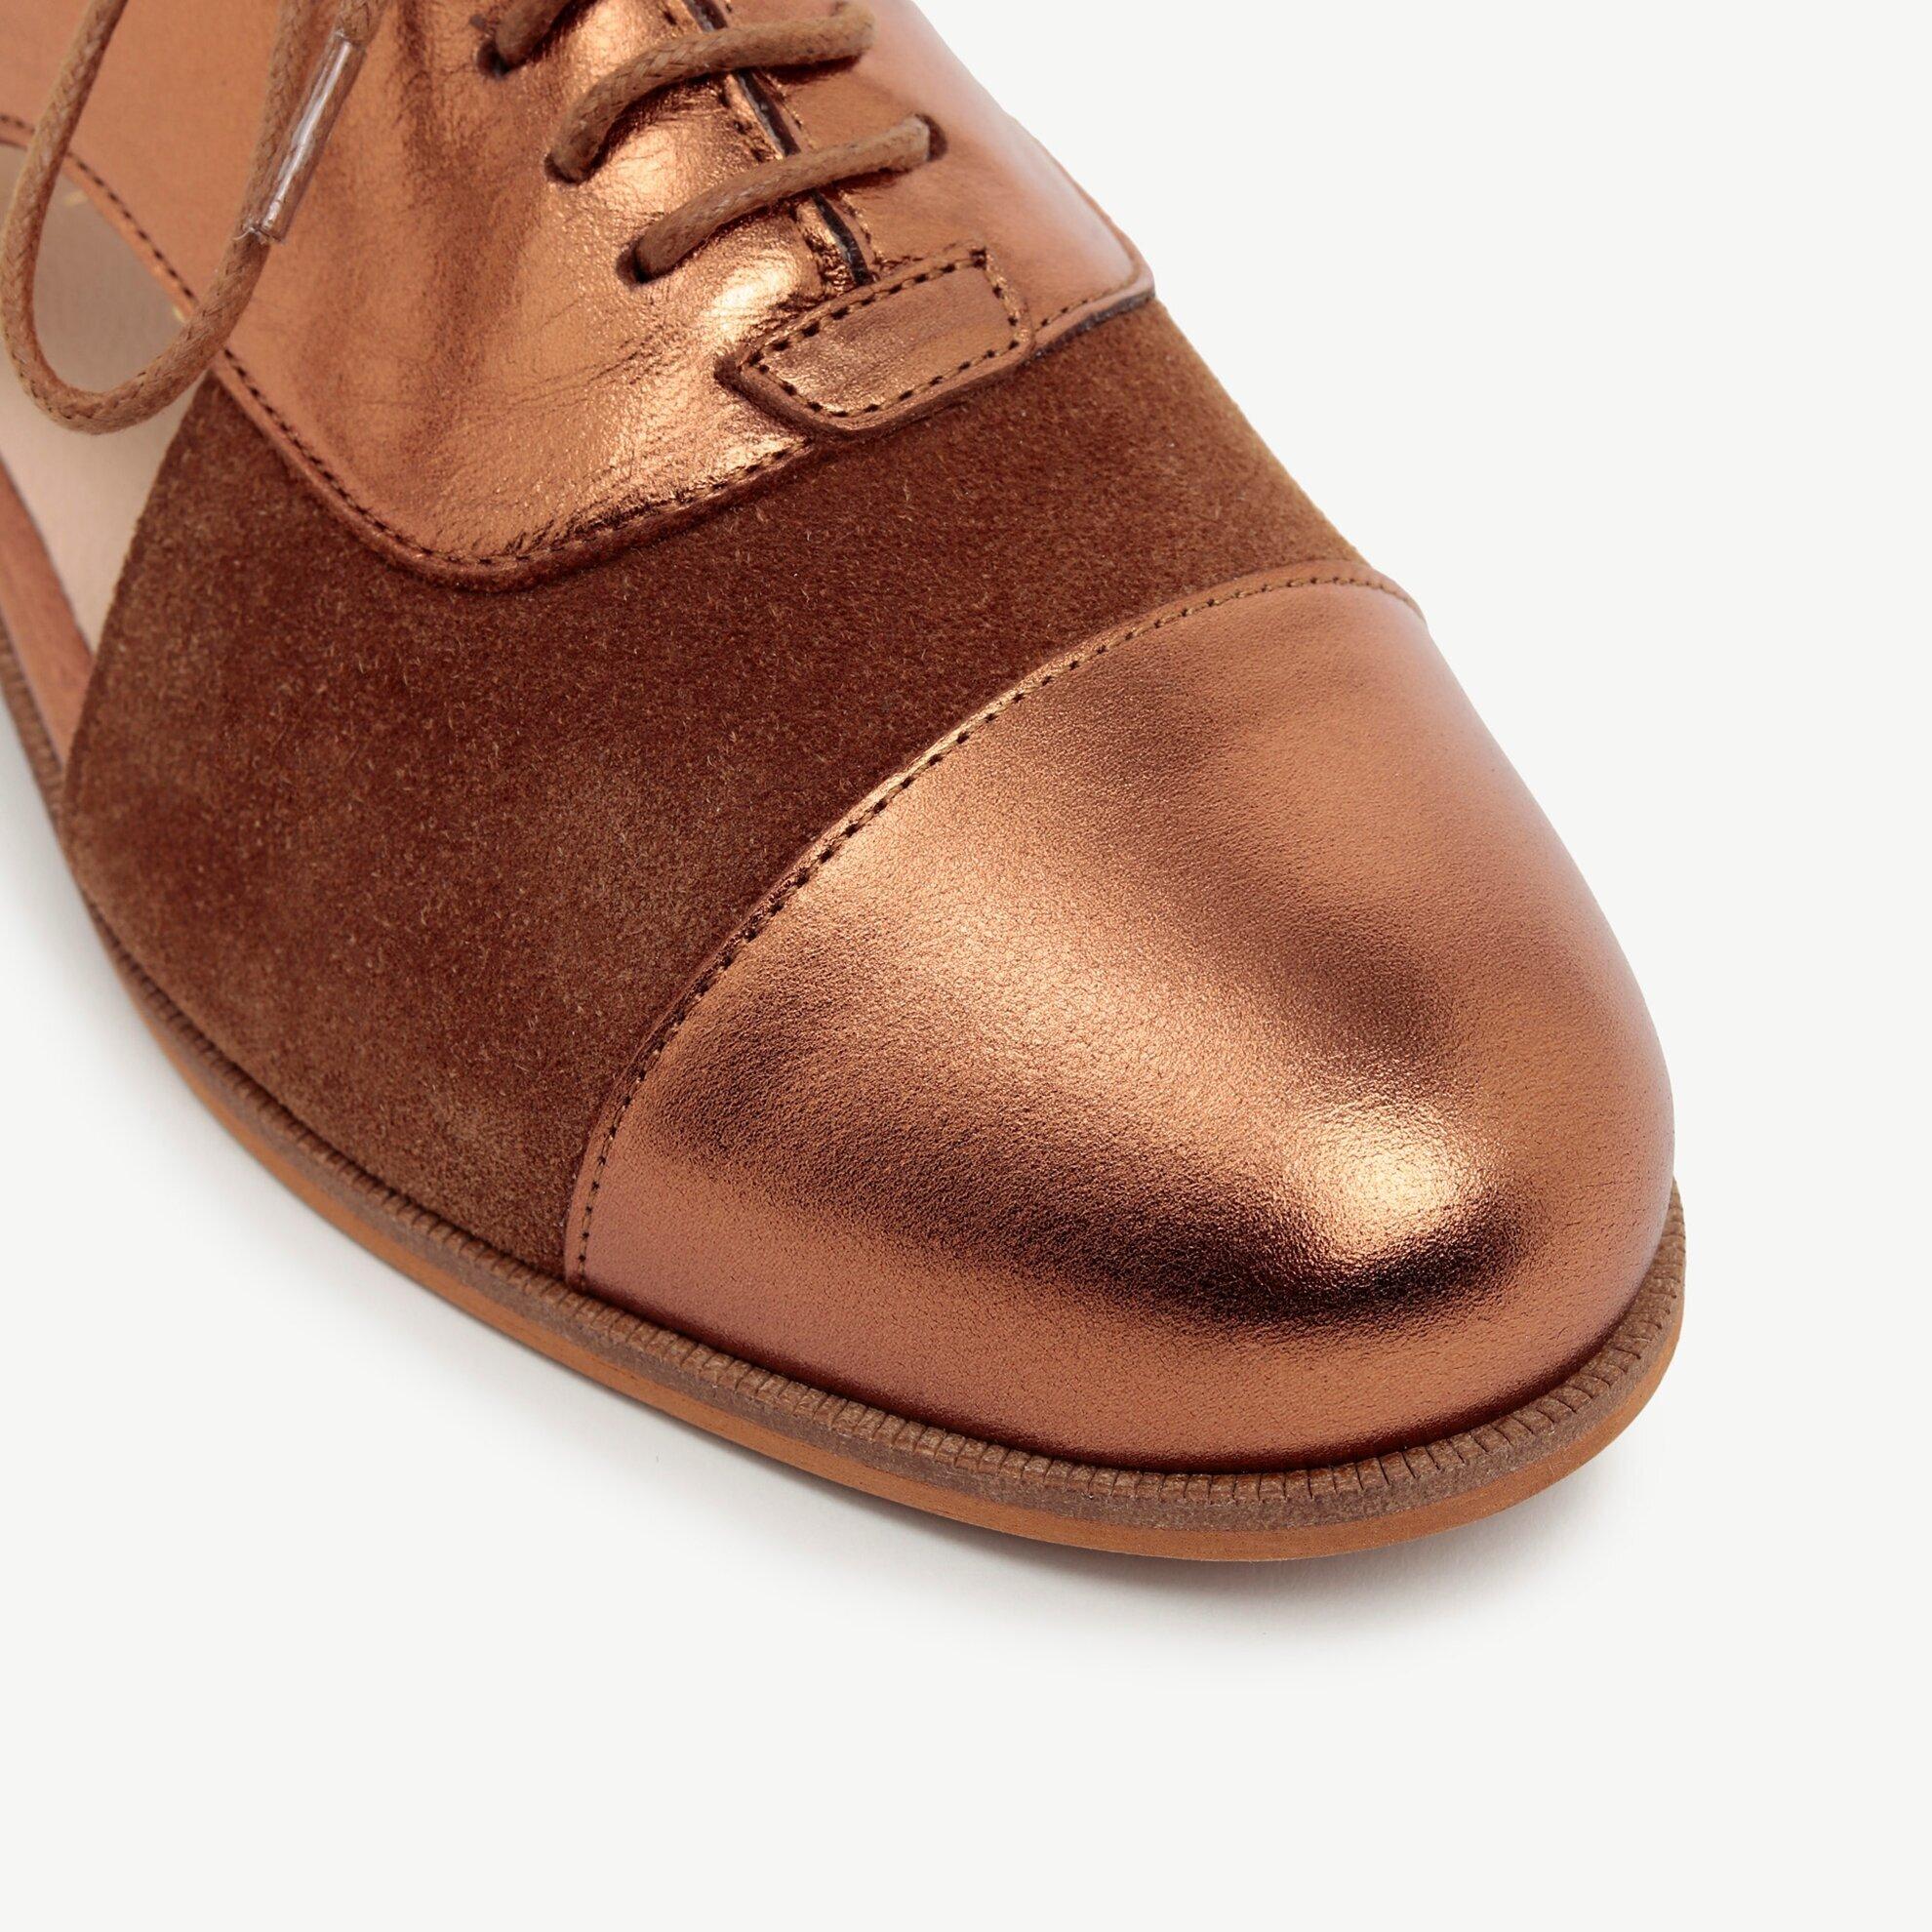 Yanları Açık Metalik Deri Detaylı Süet  Ayakkabı